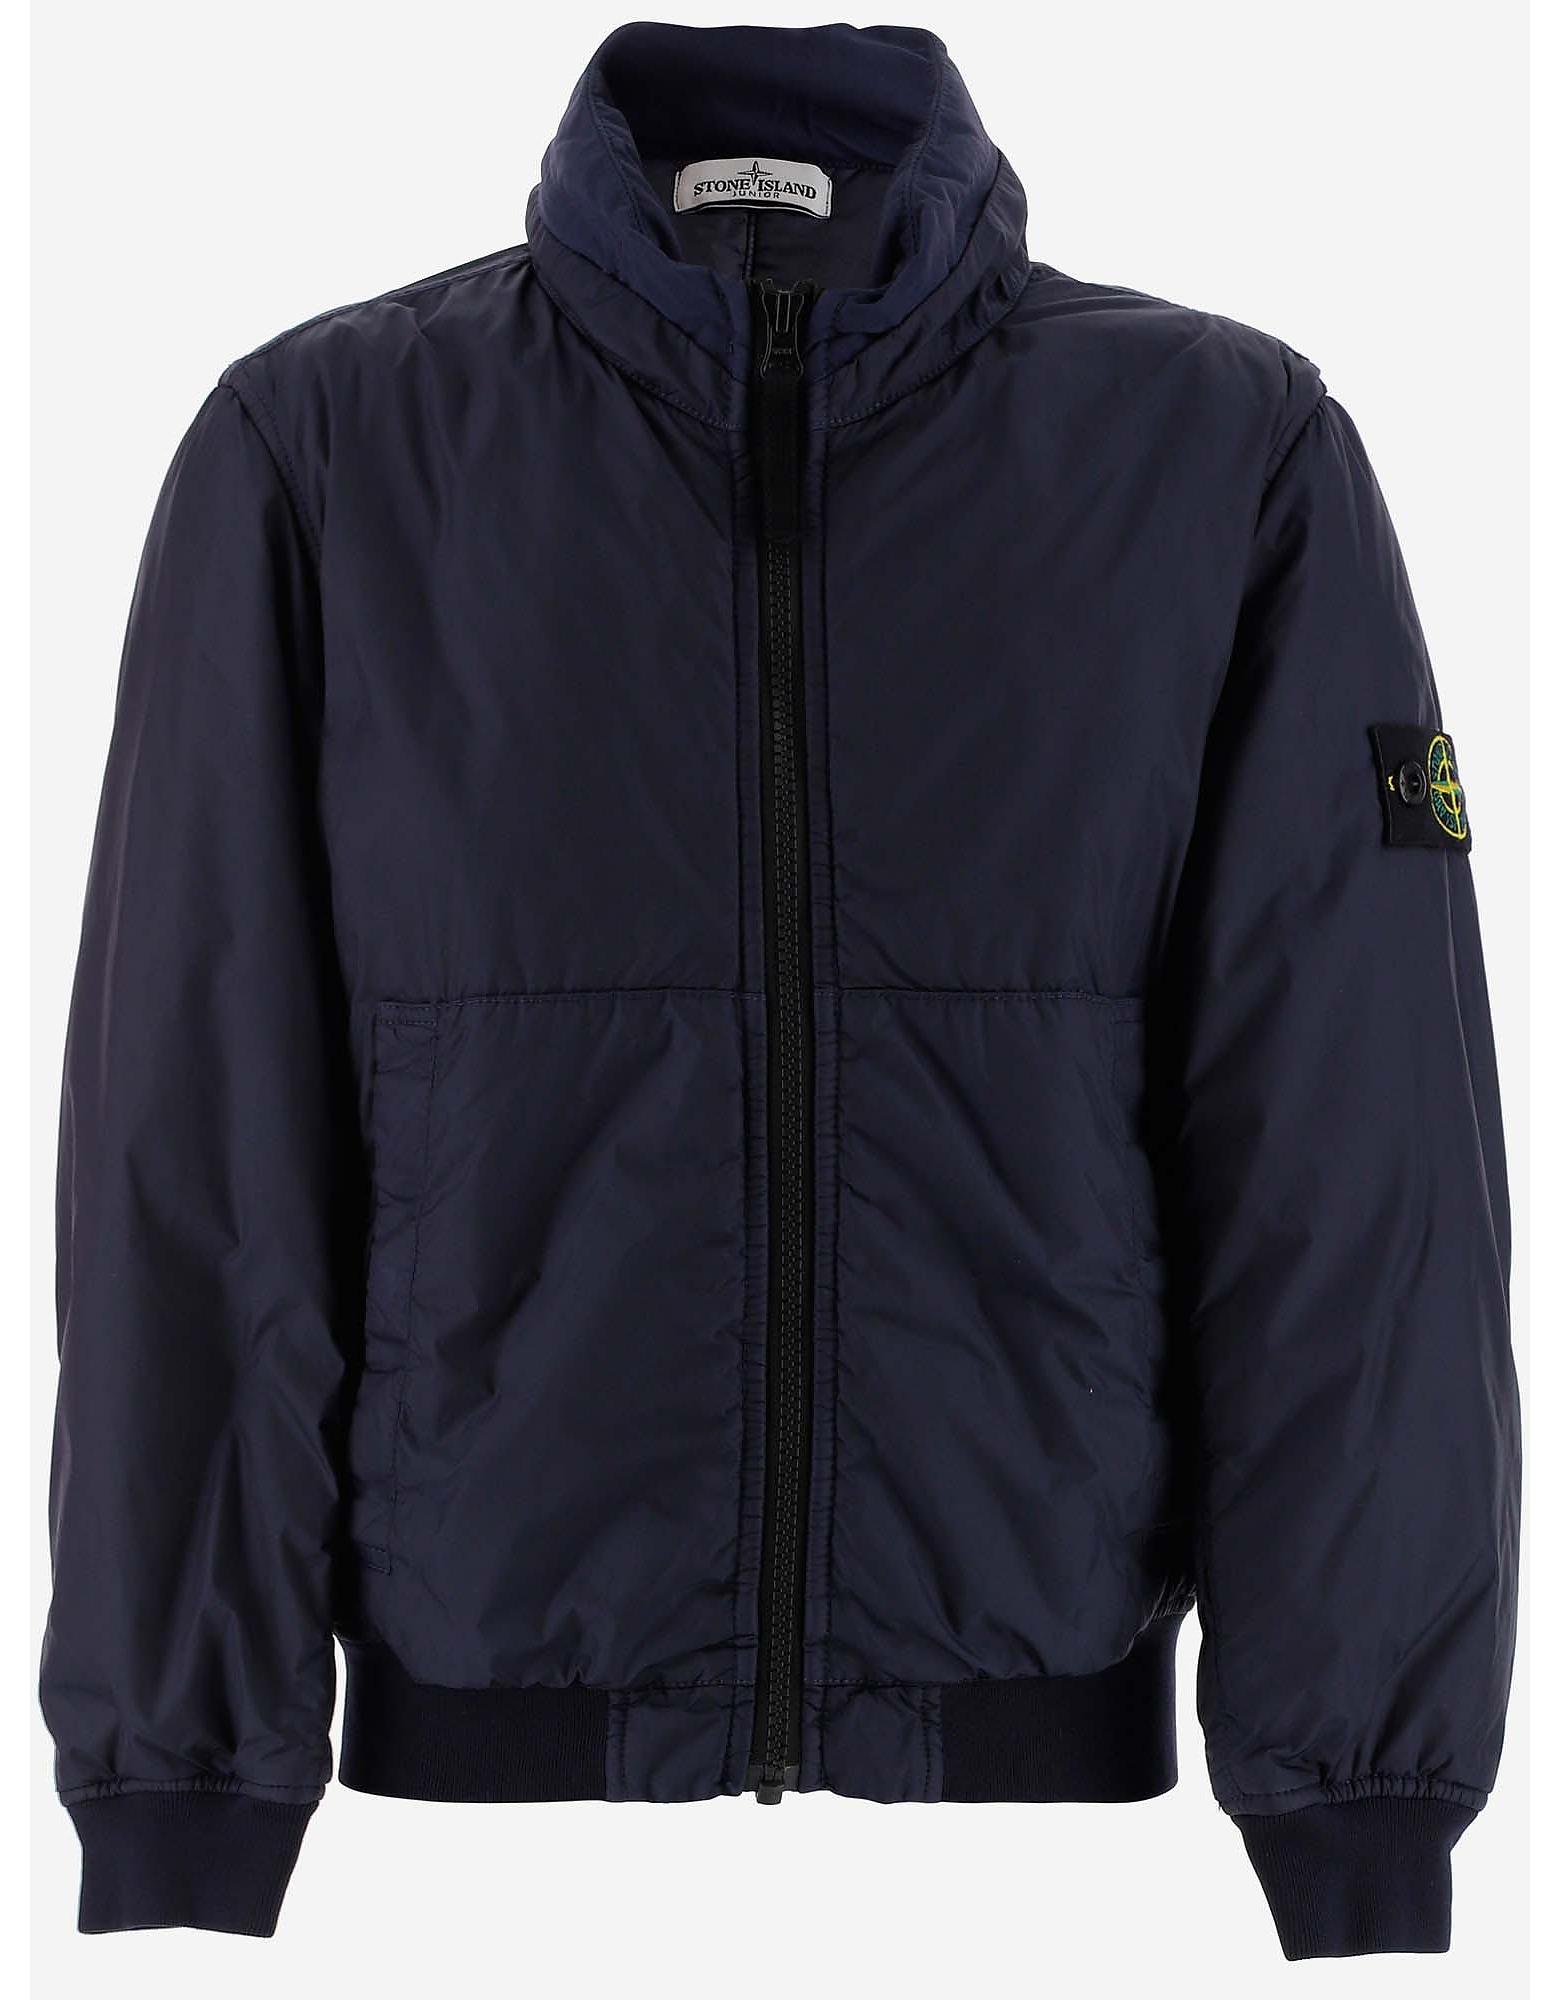 Stone Island Designer Boy's Clothing, Blue Boy's Padded Jacket